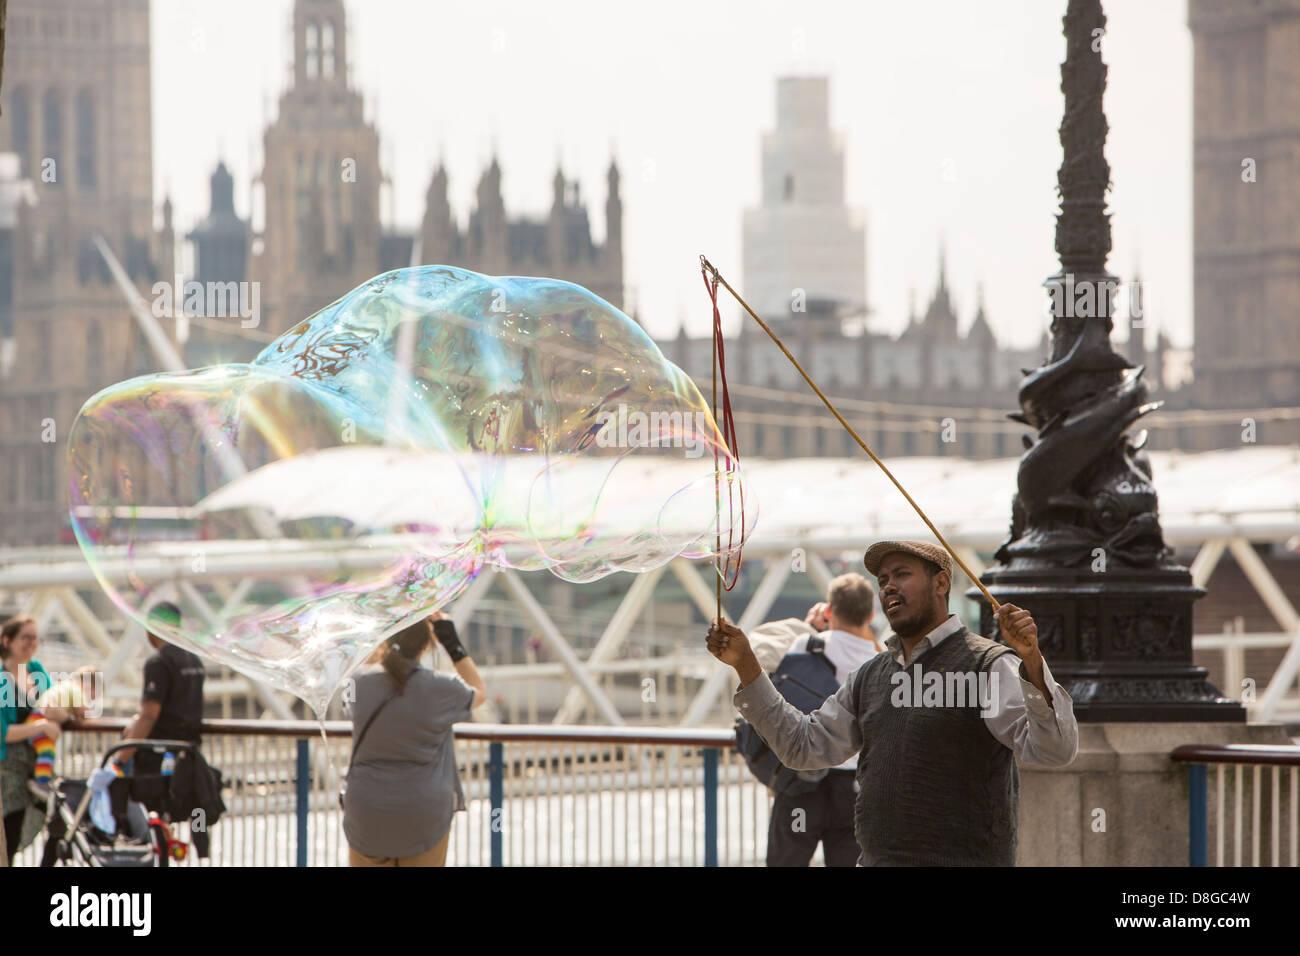 Les enfants bulles chasse faite par un artiste de rue sur la rive sud de Londres. Photo Stock